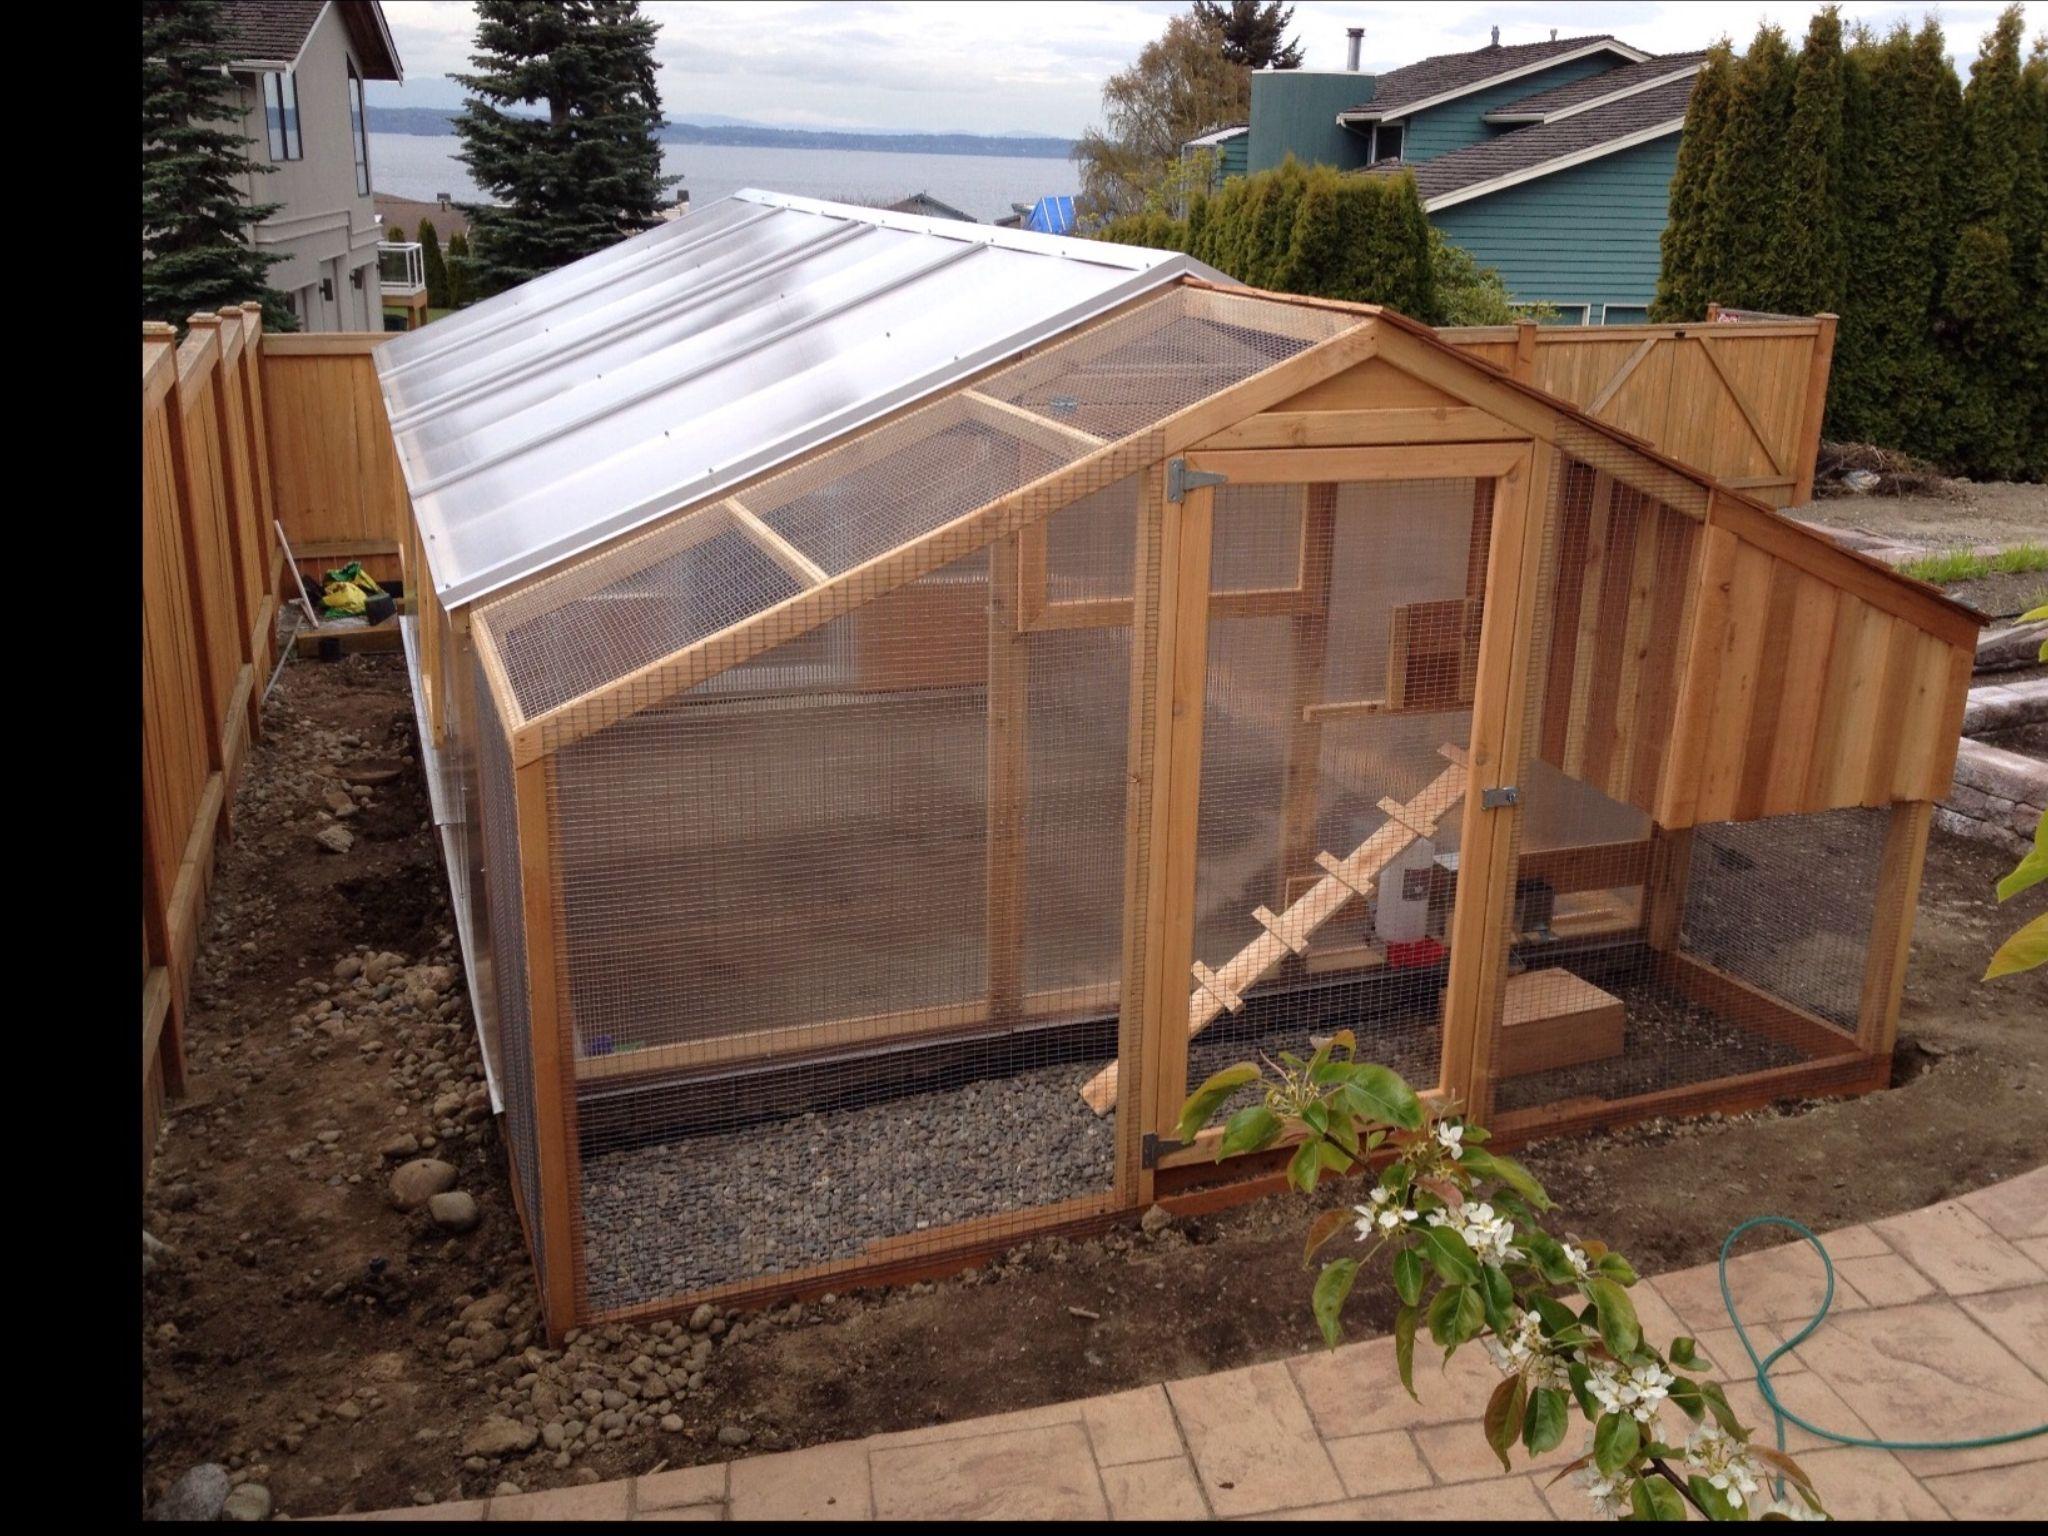 DIY Chicken Coop/Greenhouse Combo  Diy Chicken Coop Greenhouse